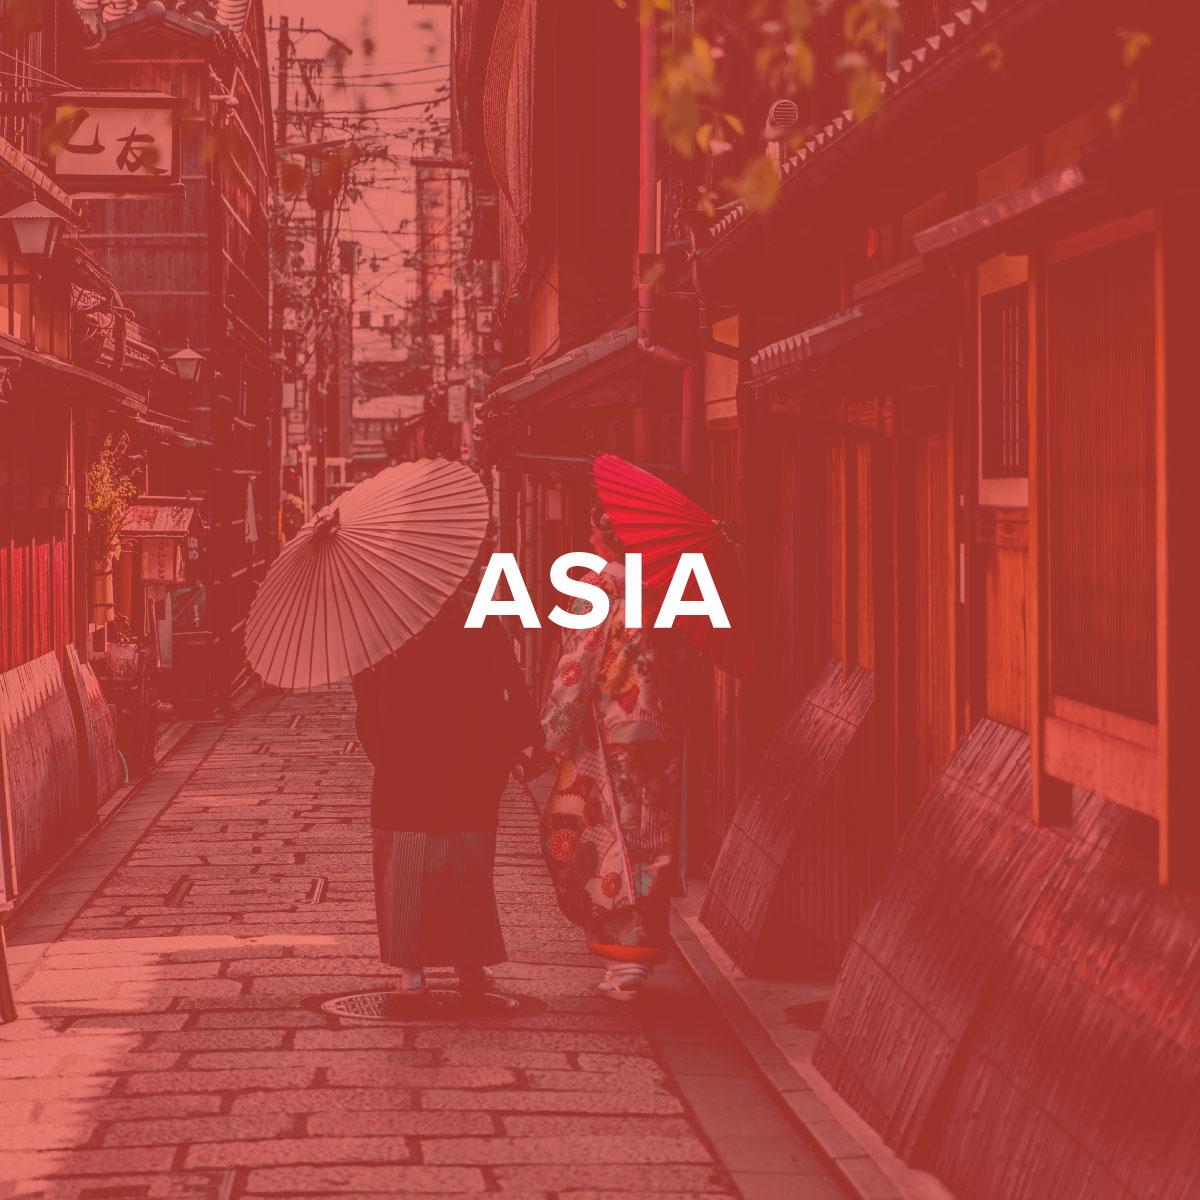 Travel-Guide-Asia.jpg